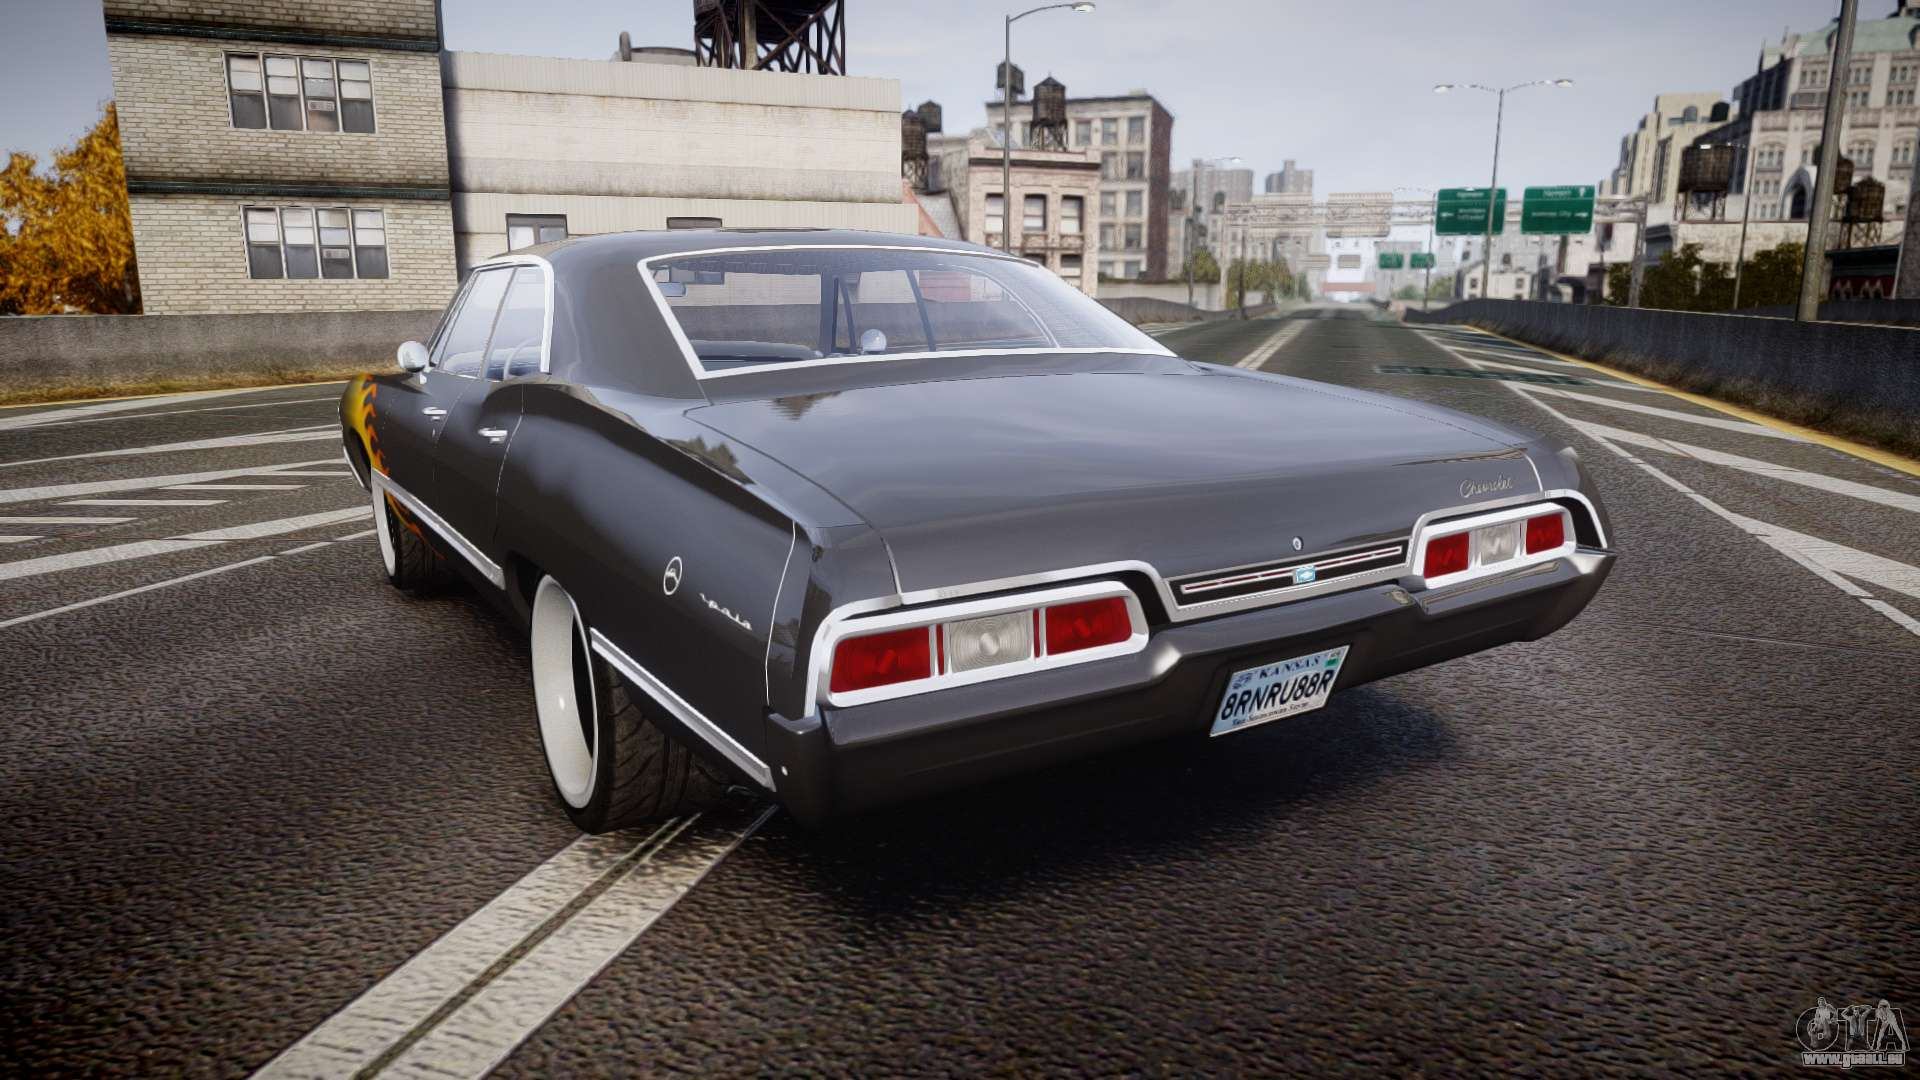 Chevrolet Impala 1967 Custom Livery 2 Pour Gta 4